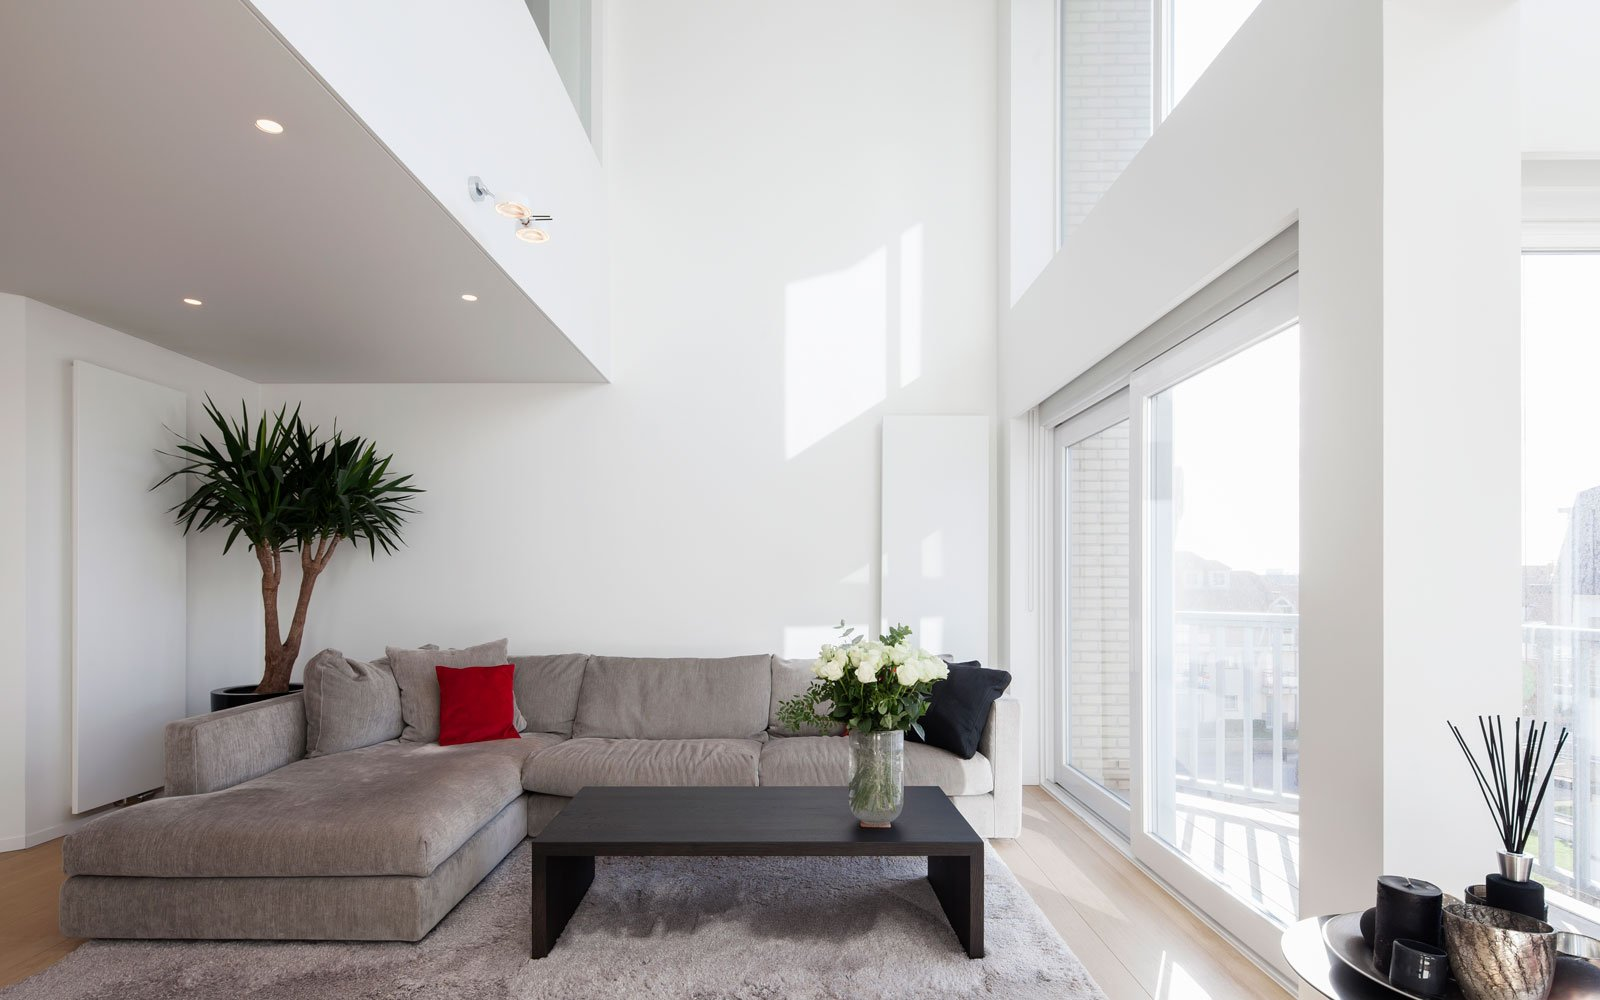 Woonkamer, zithoek, hoekbank, RR Interieur, grote ramen, Knokse duplex, Stephan Gunst